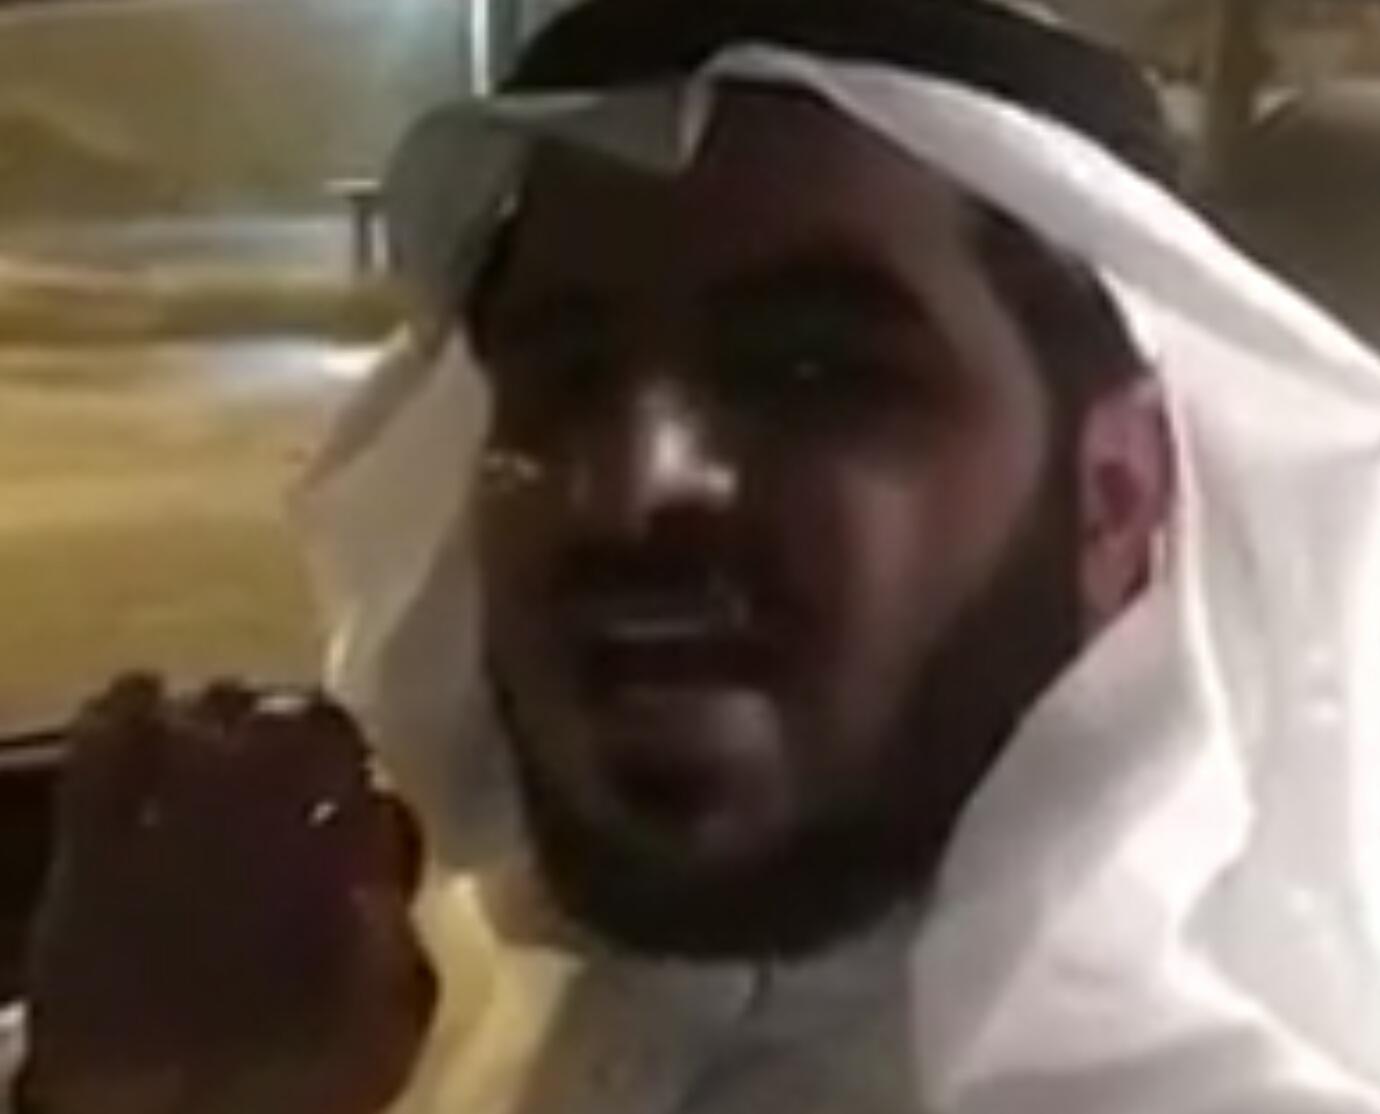 بالفيديو يعاكس عند مدرسة بنات وصادته الهيئة شوفوا وش لقوا معه